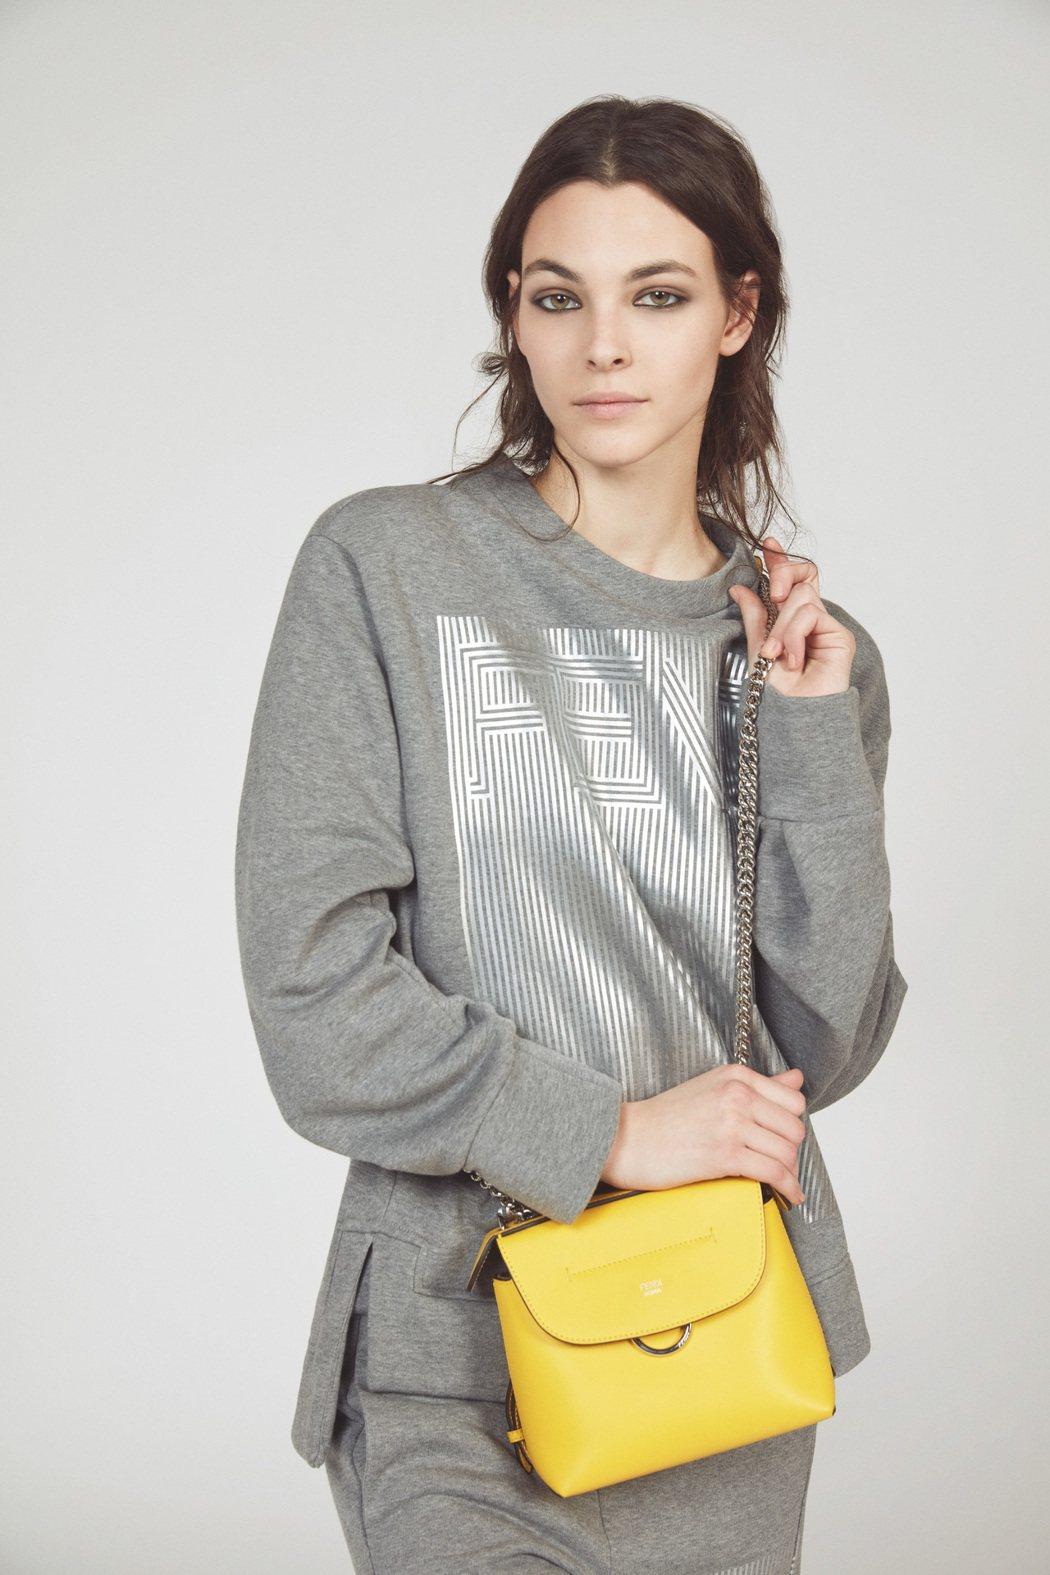 義大利超模Vittoria Ceretti以炫色的黃色包款和灰色搭出協調感。圖/...